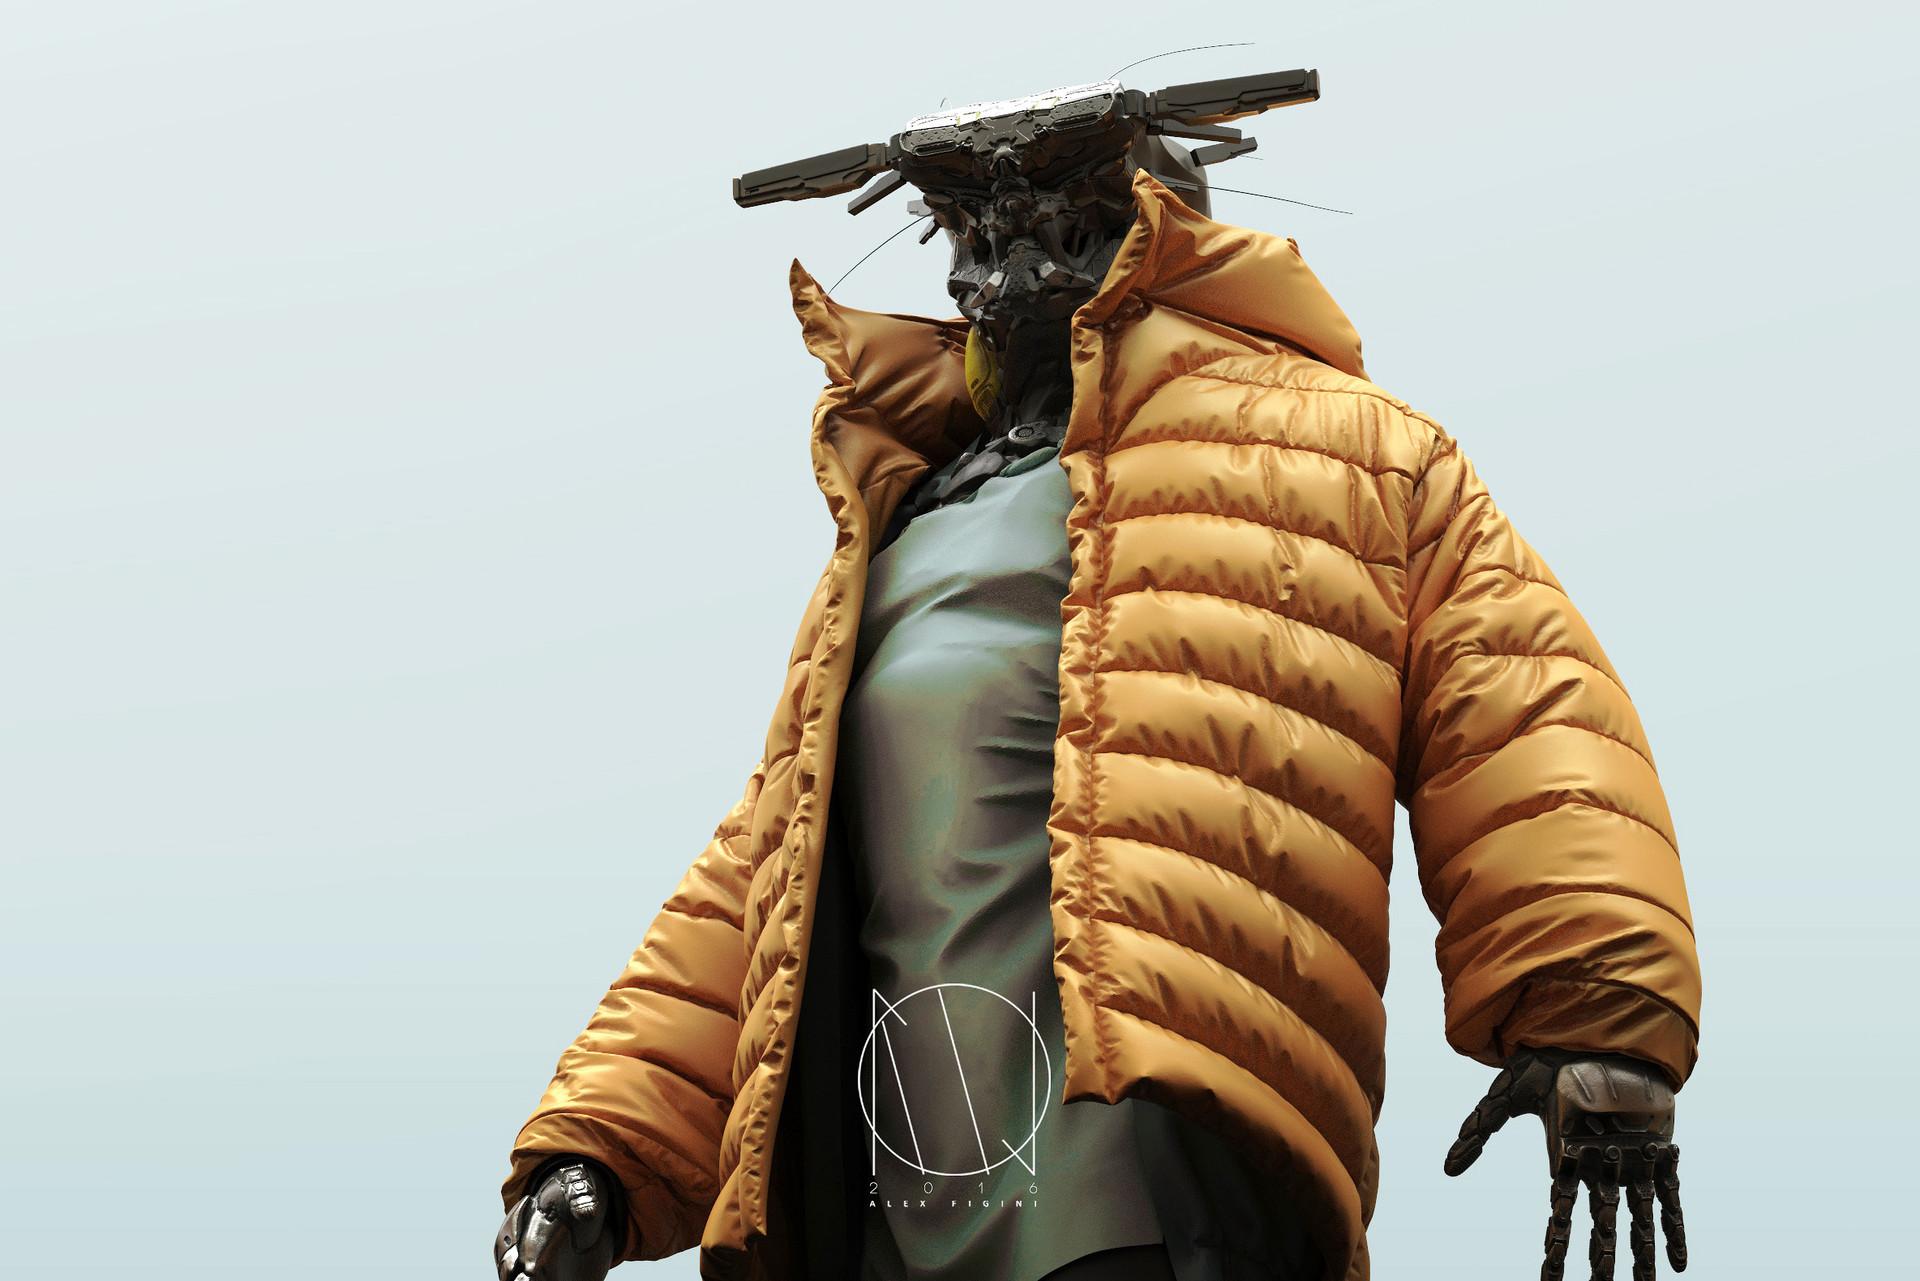 Alex figini l2gopnik jacket 03